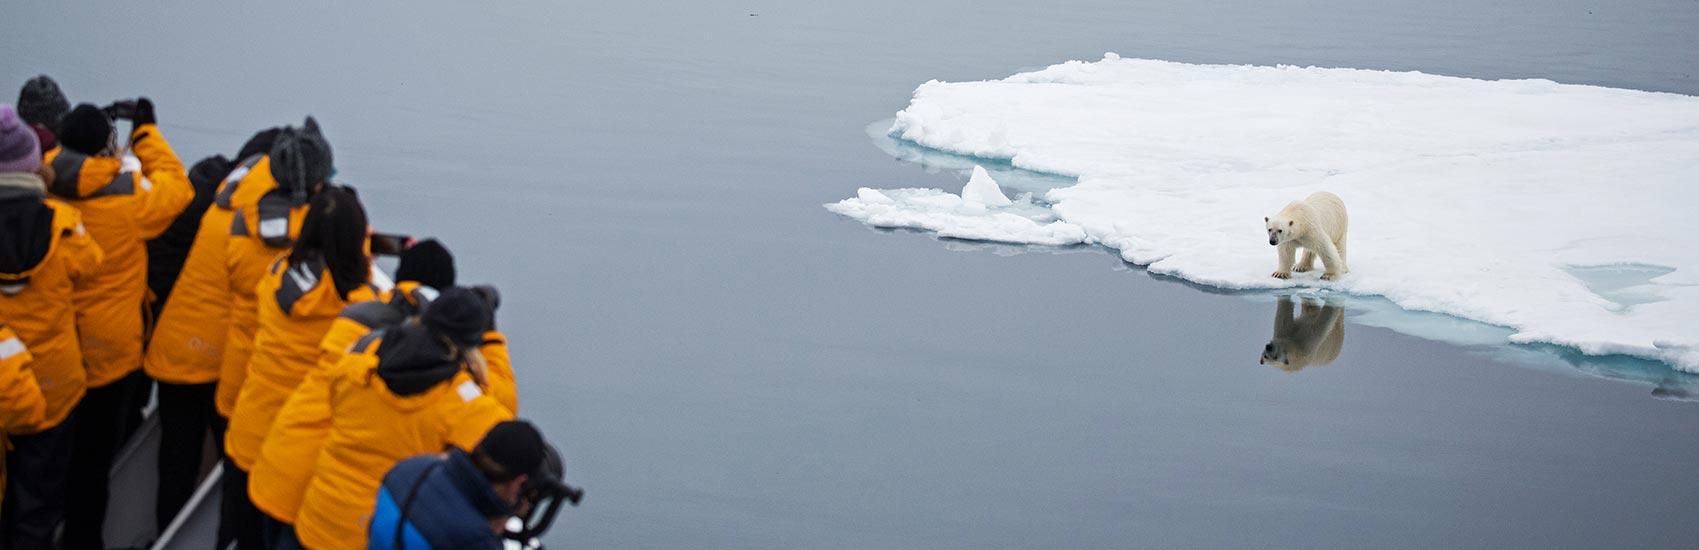 Saison arctique 2023 – Économies sur les réservations anticipées avec Quark Expeditions 0